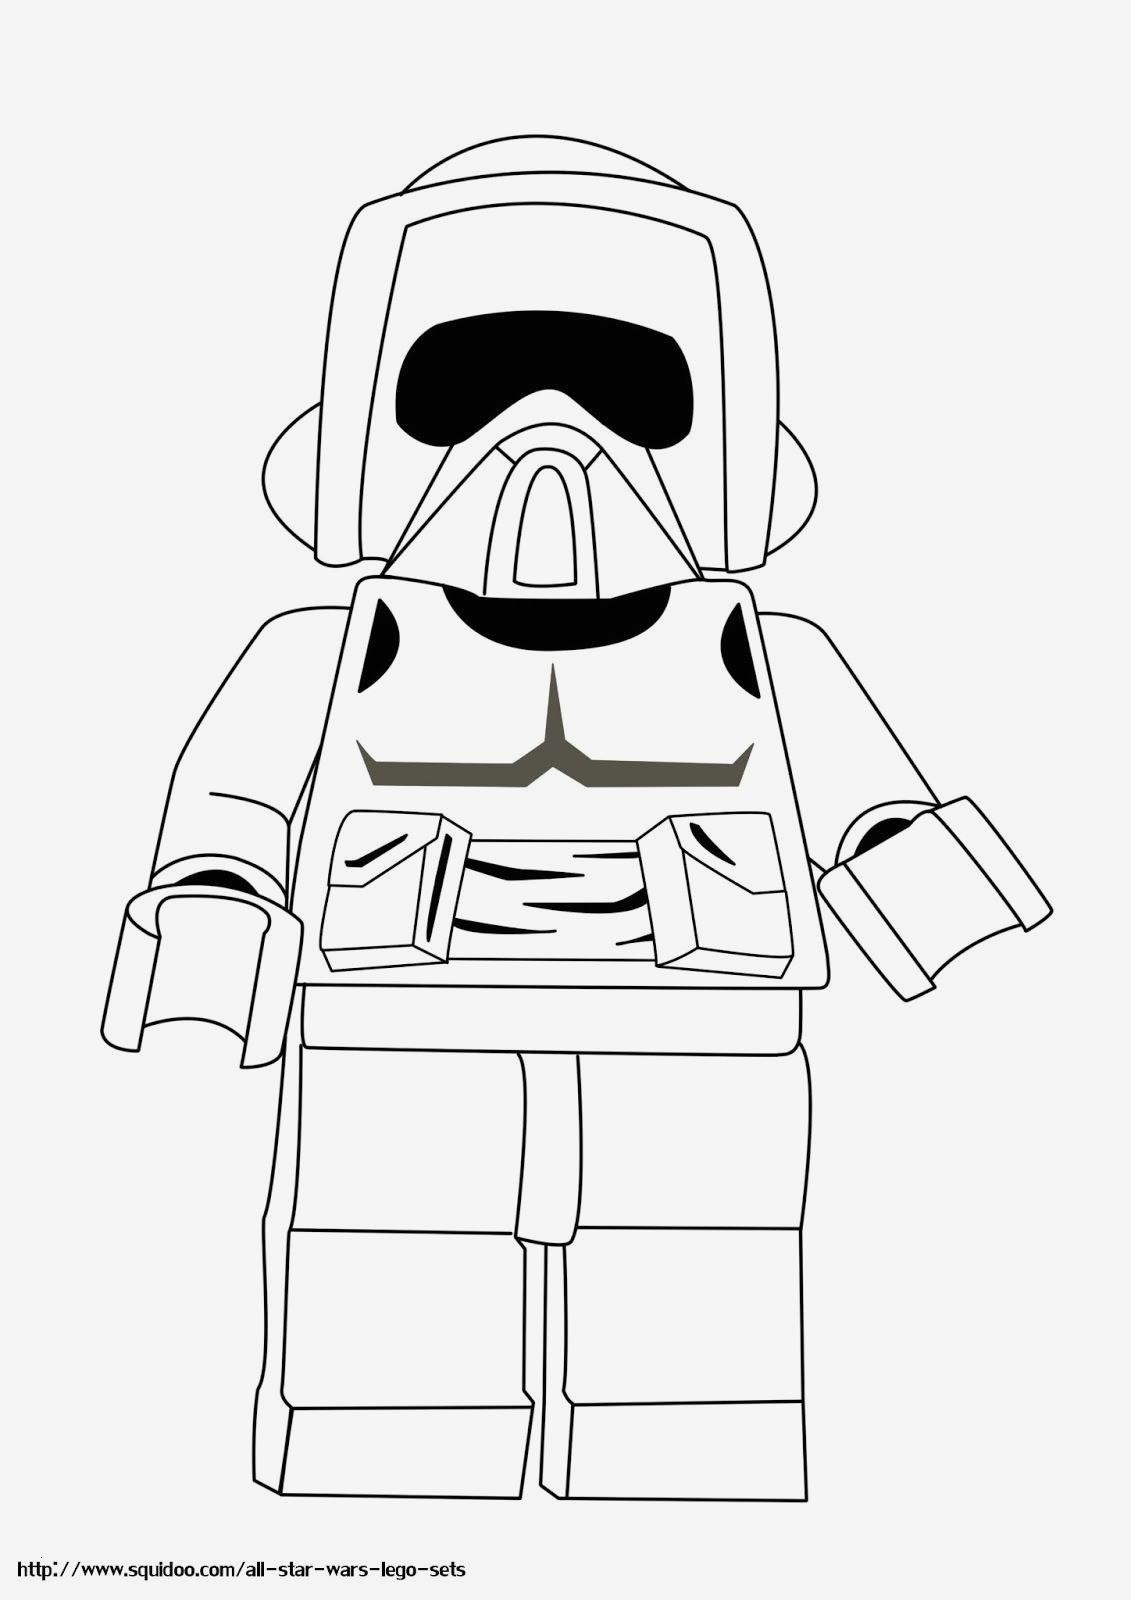 Lego Polizei Ausmalbilder Genial Beispielbilder Färben Star Wars Malvorlagen Best Ausmalbilder Stock